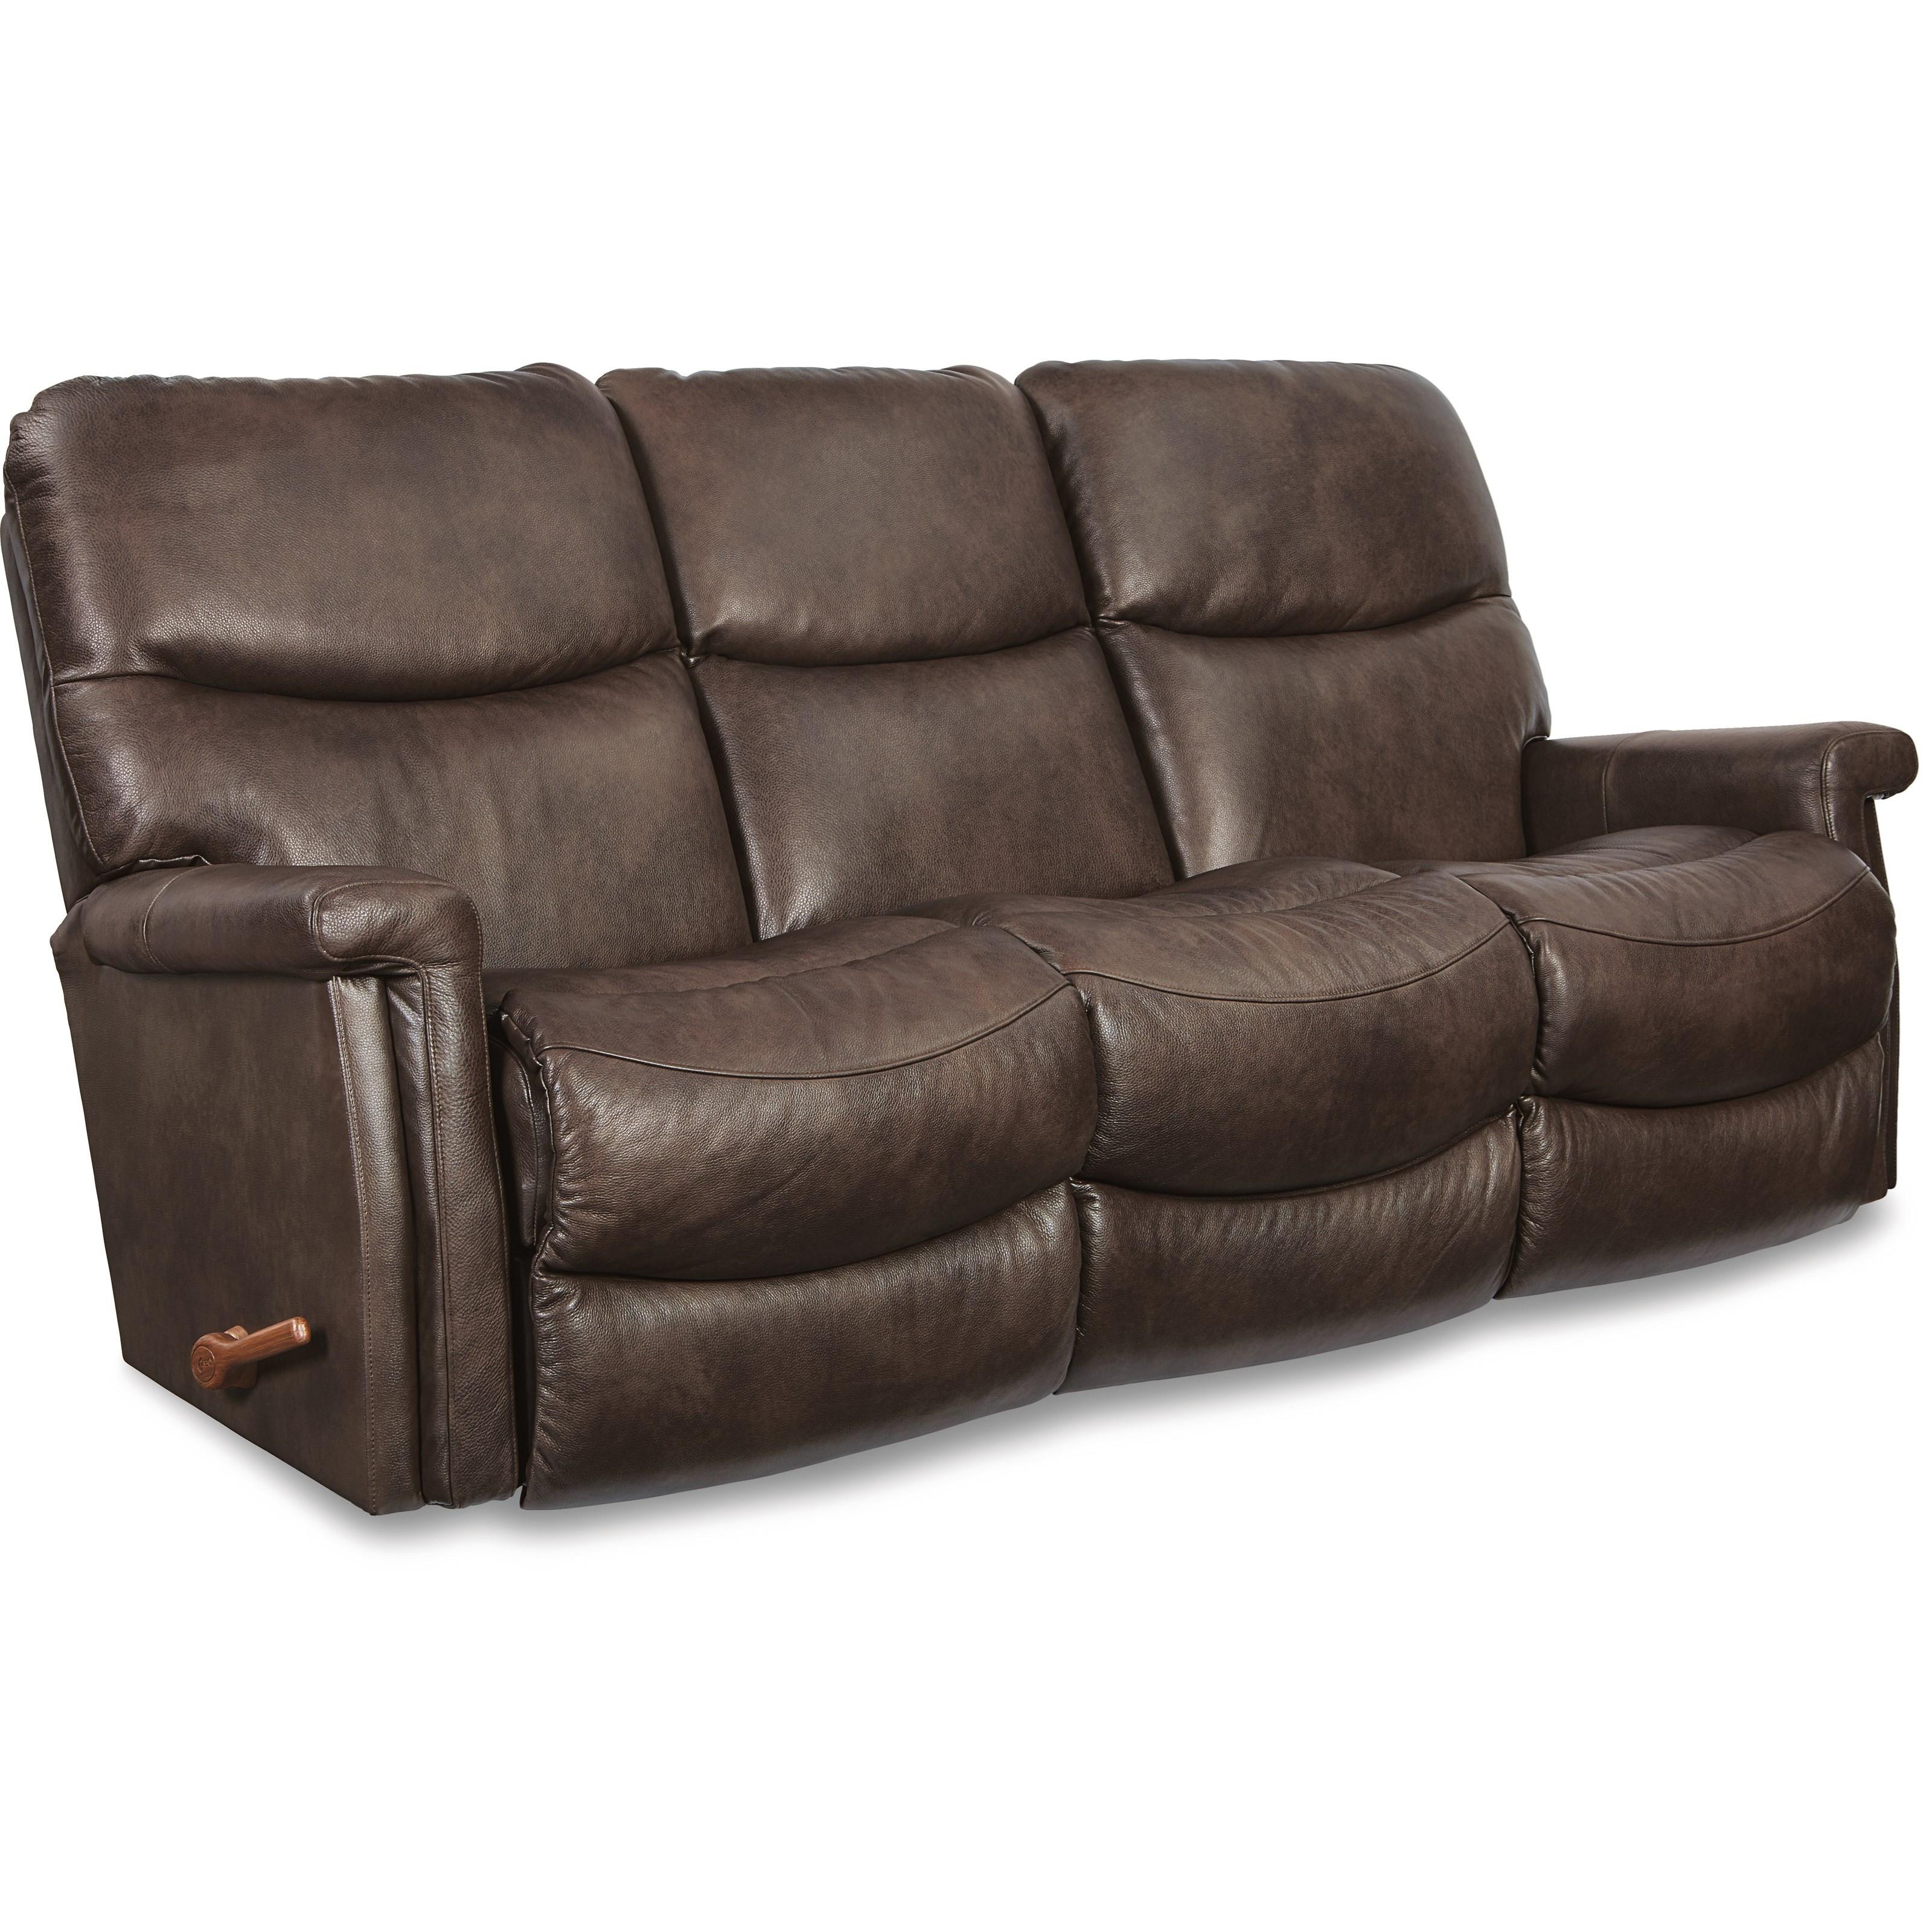 Reclina Way® Full Reclining Sofa